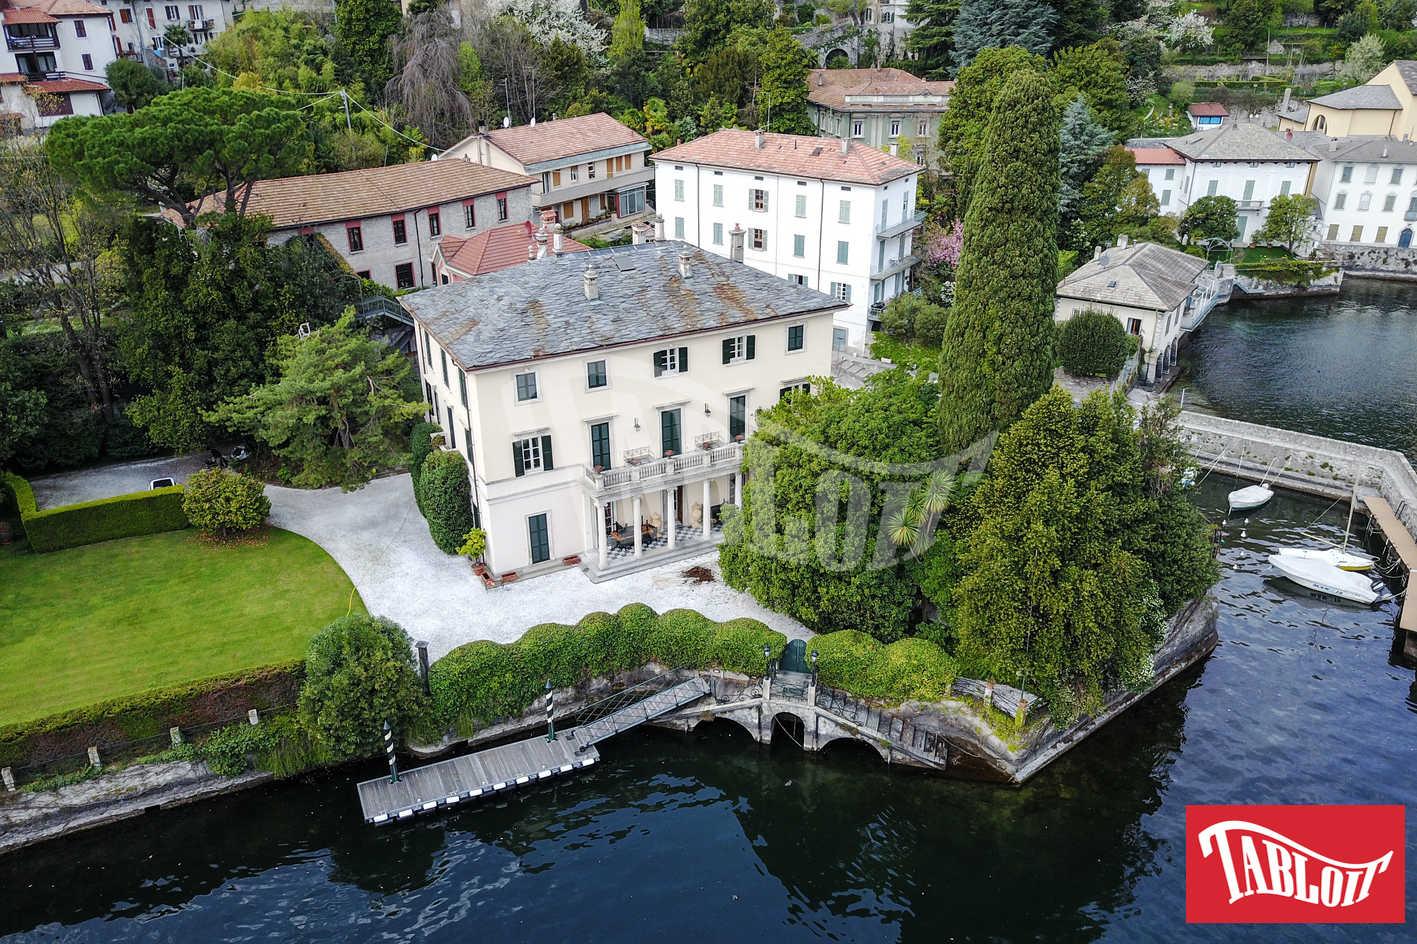 villa clooney lago di como con il drone